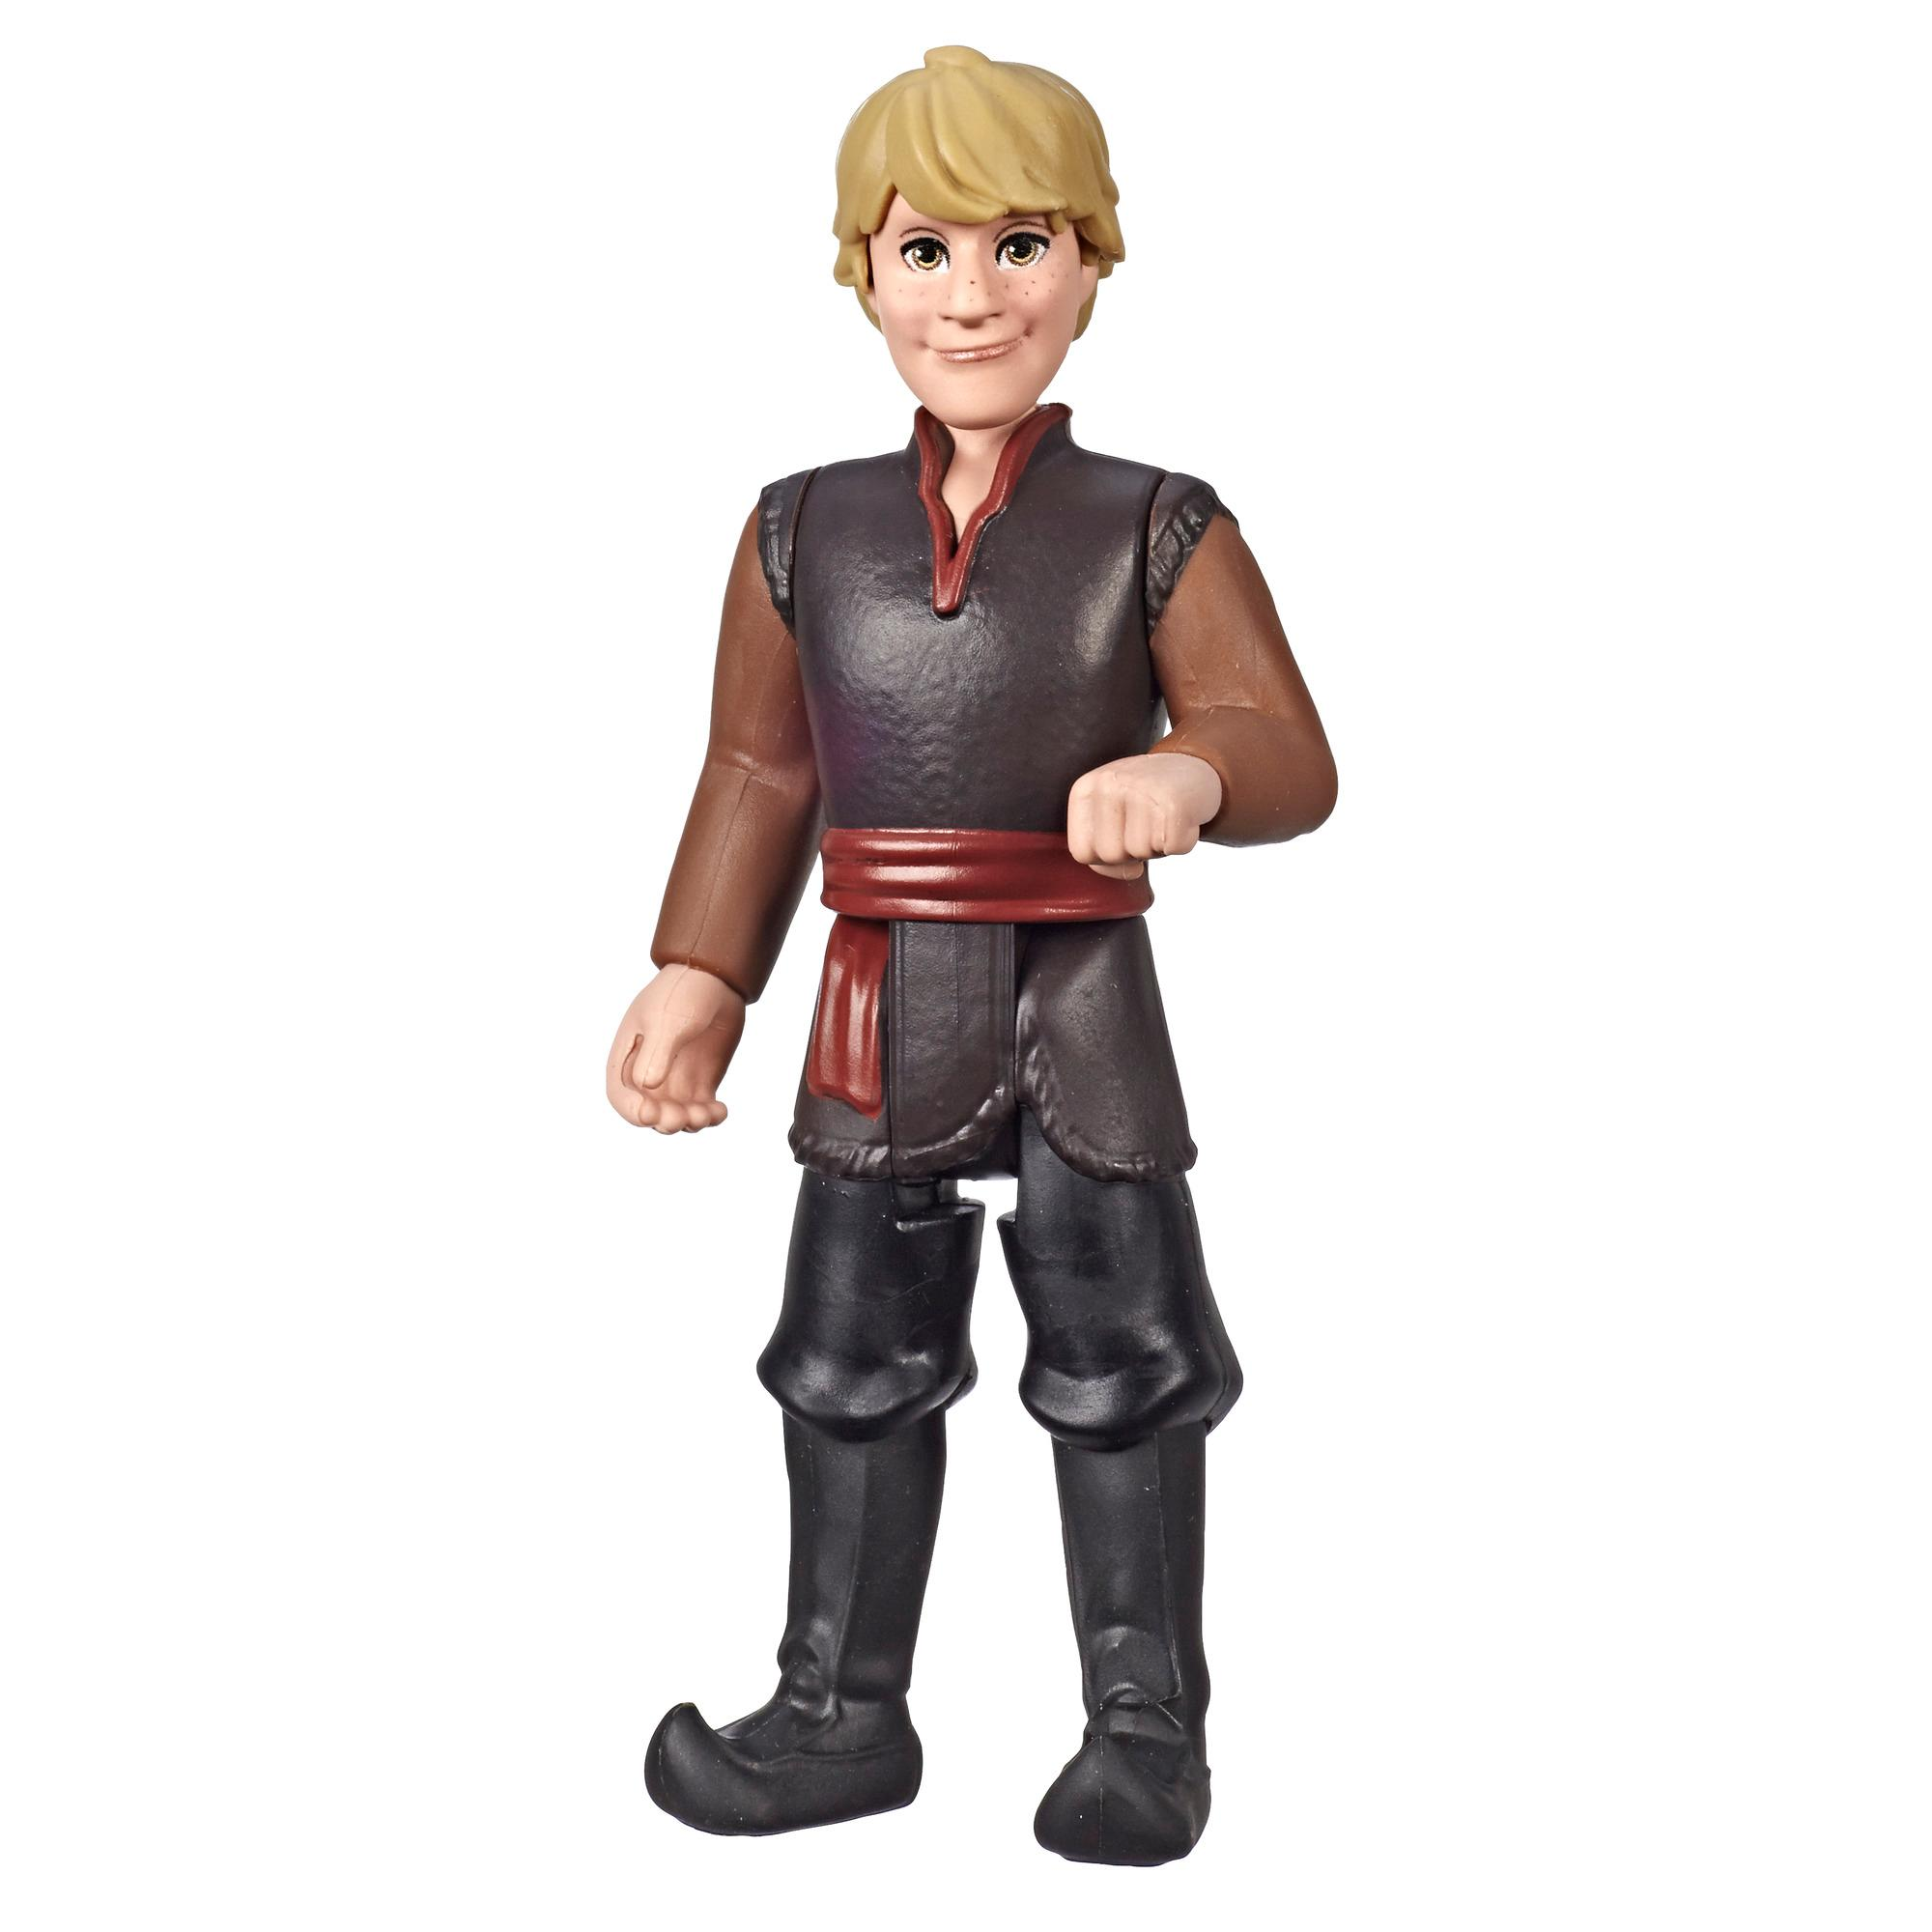 Disney Frozen - Figura de Kristoff con vestimenta marrón, inspirada en la película Frozen 2